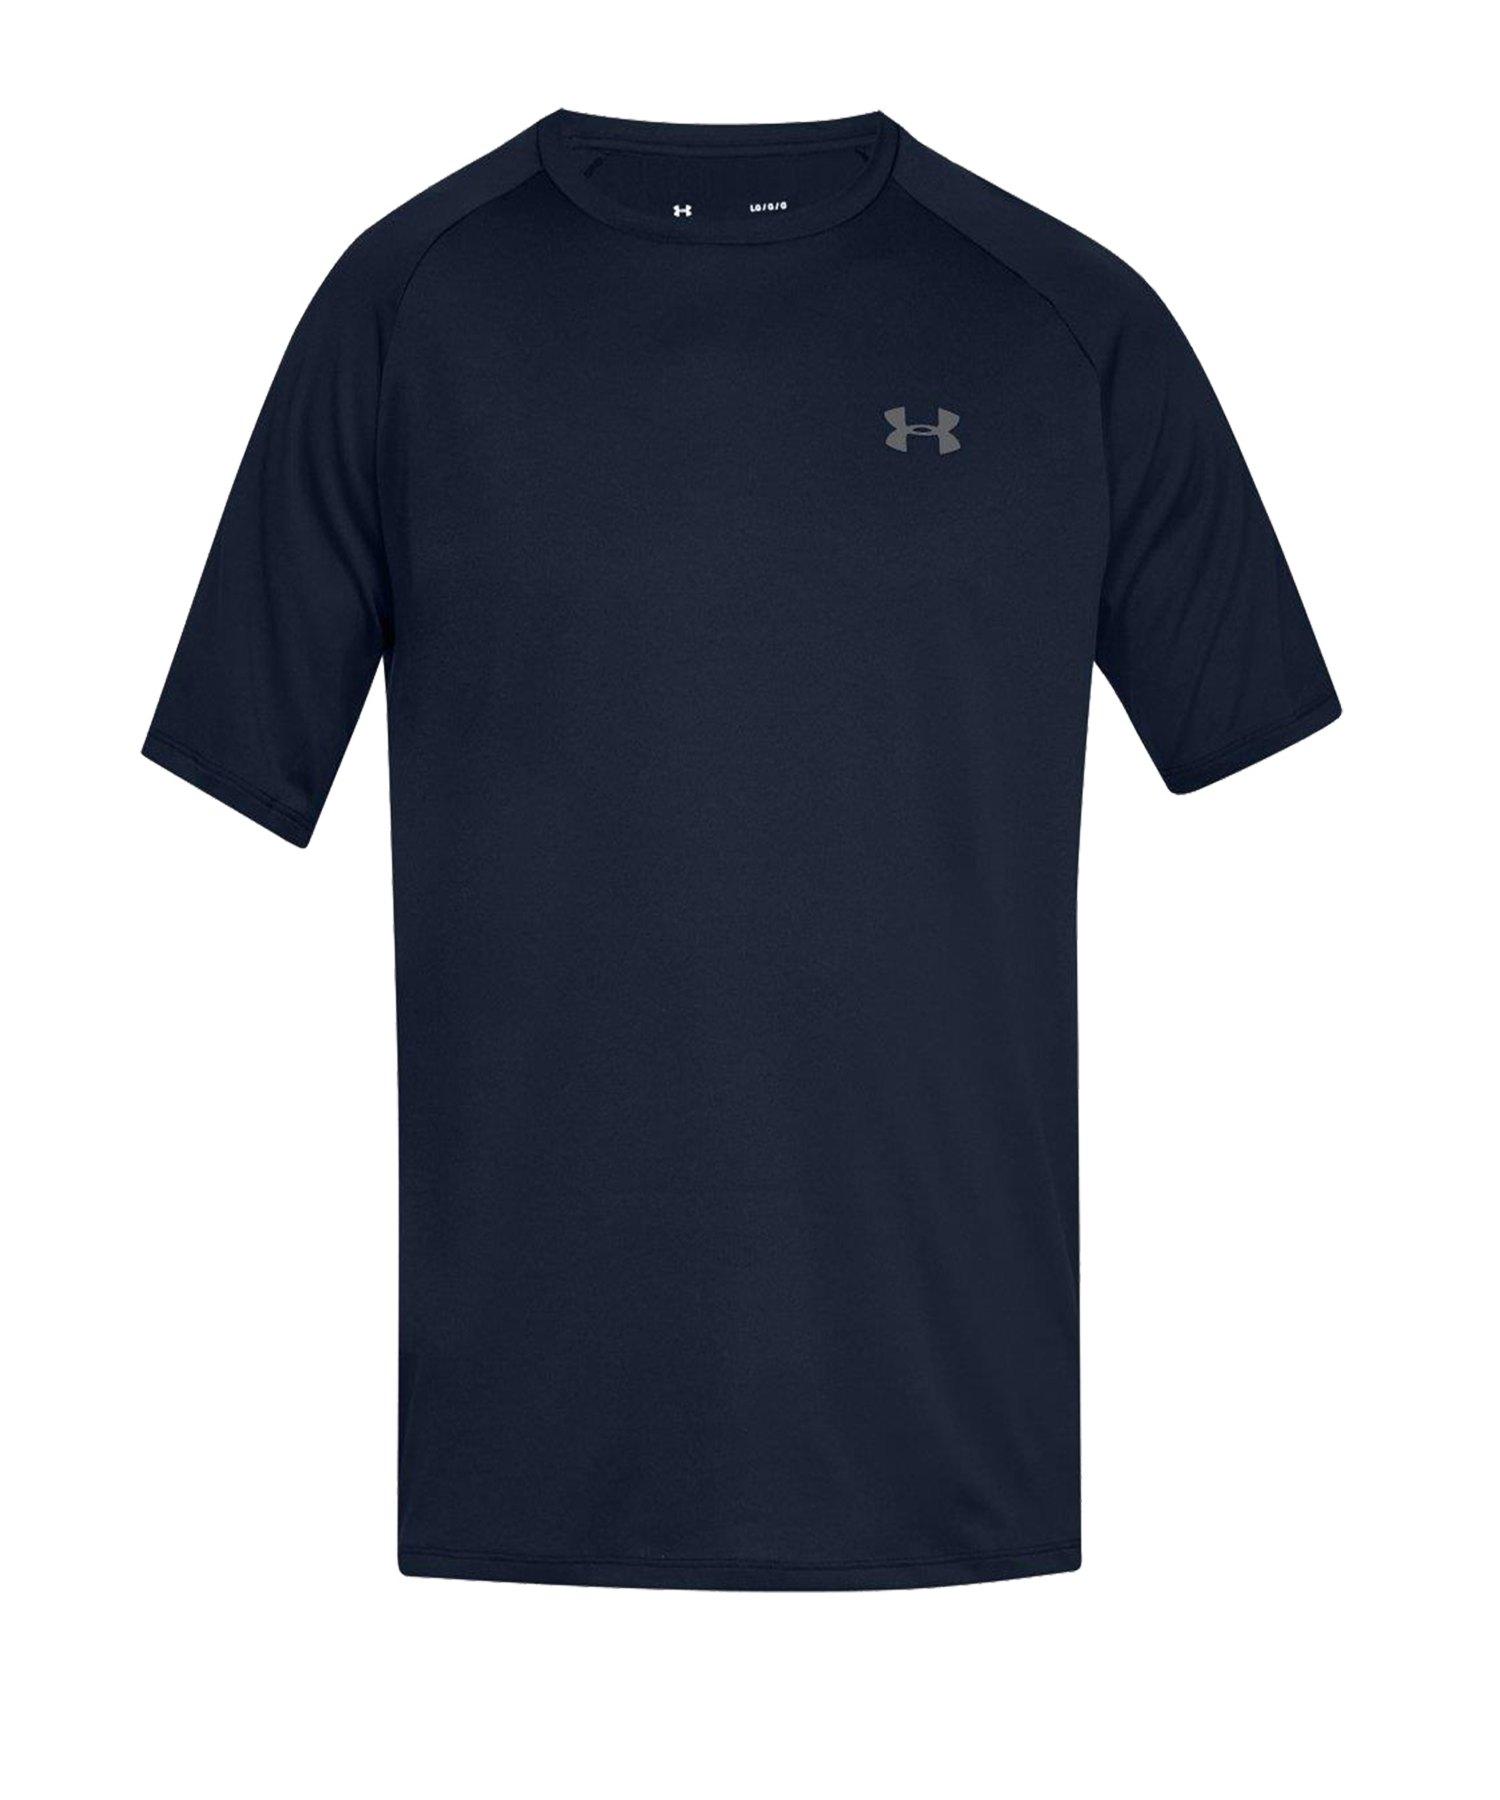 Under Armour Tech Tee T-Shirt Blau F408 - blau